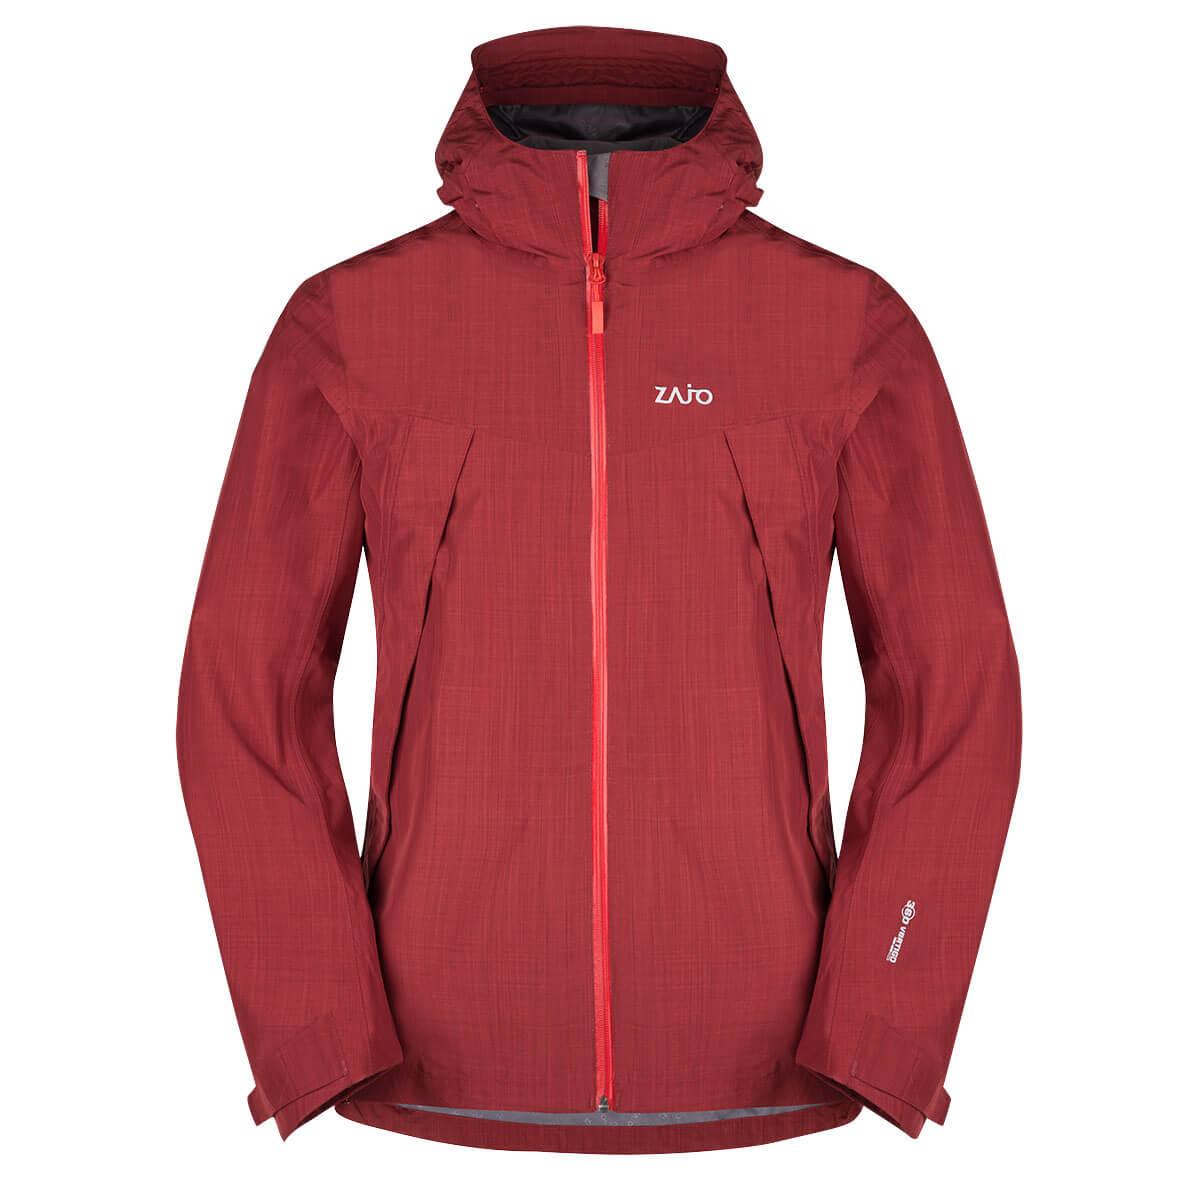 Pánska bunda Zajo Gasherbrum Neo JKT Syrah - veľkosť S